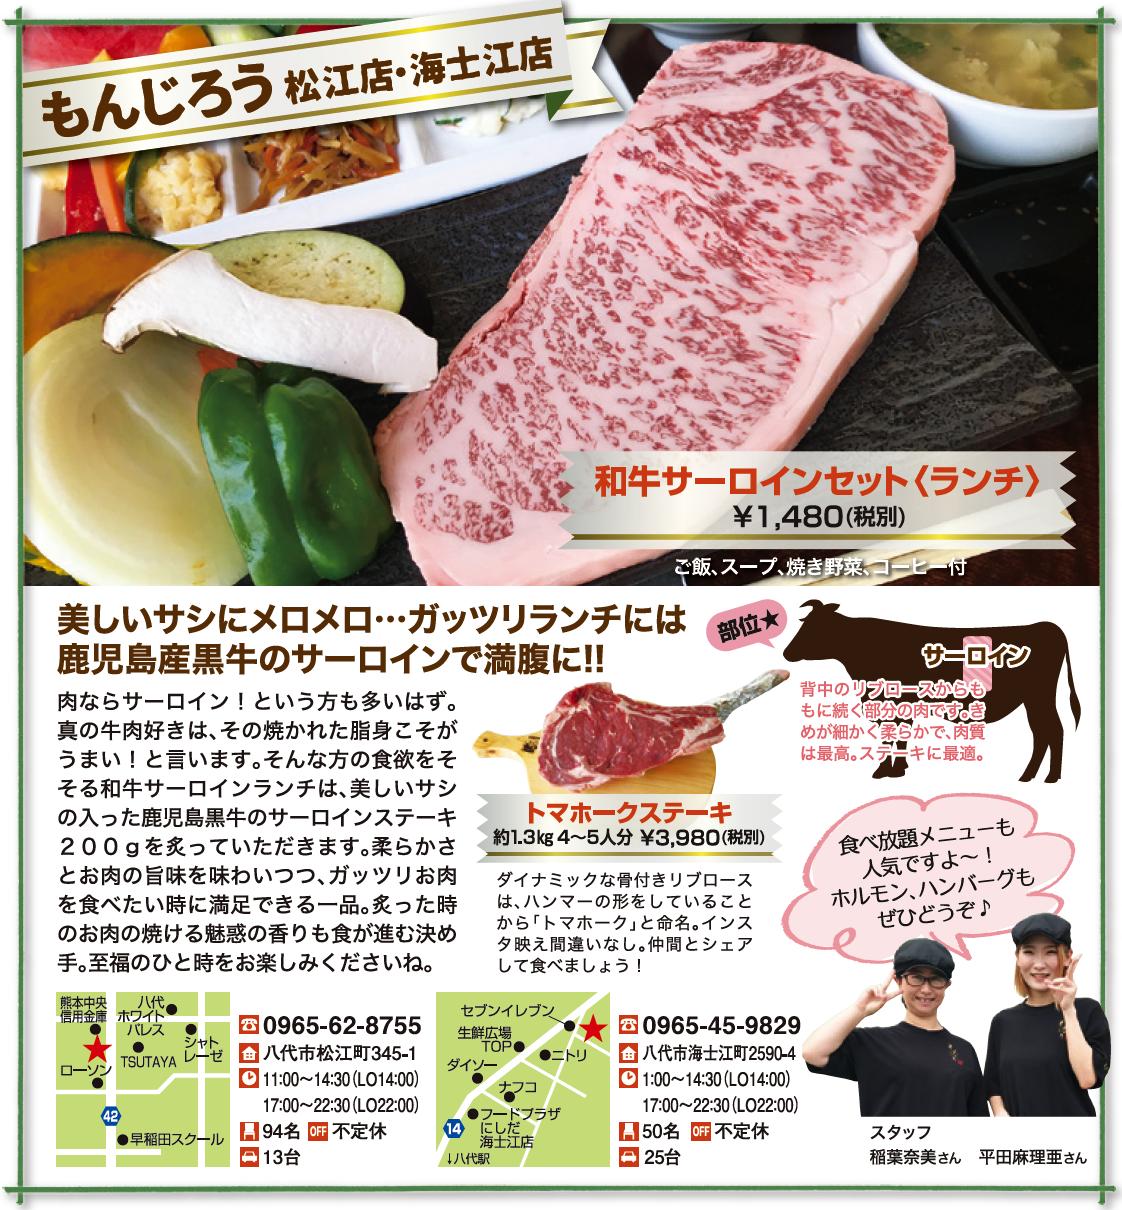 もんじろう 松江店・海士江店